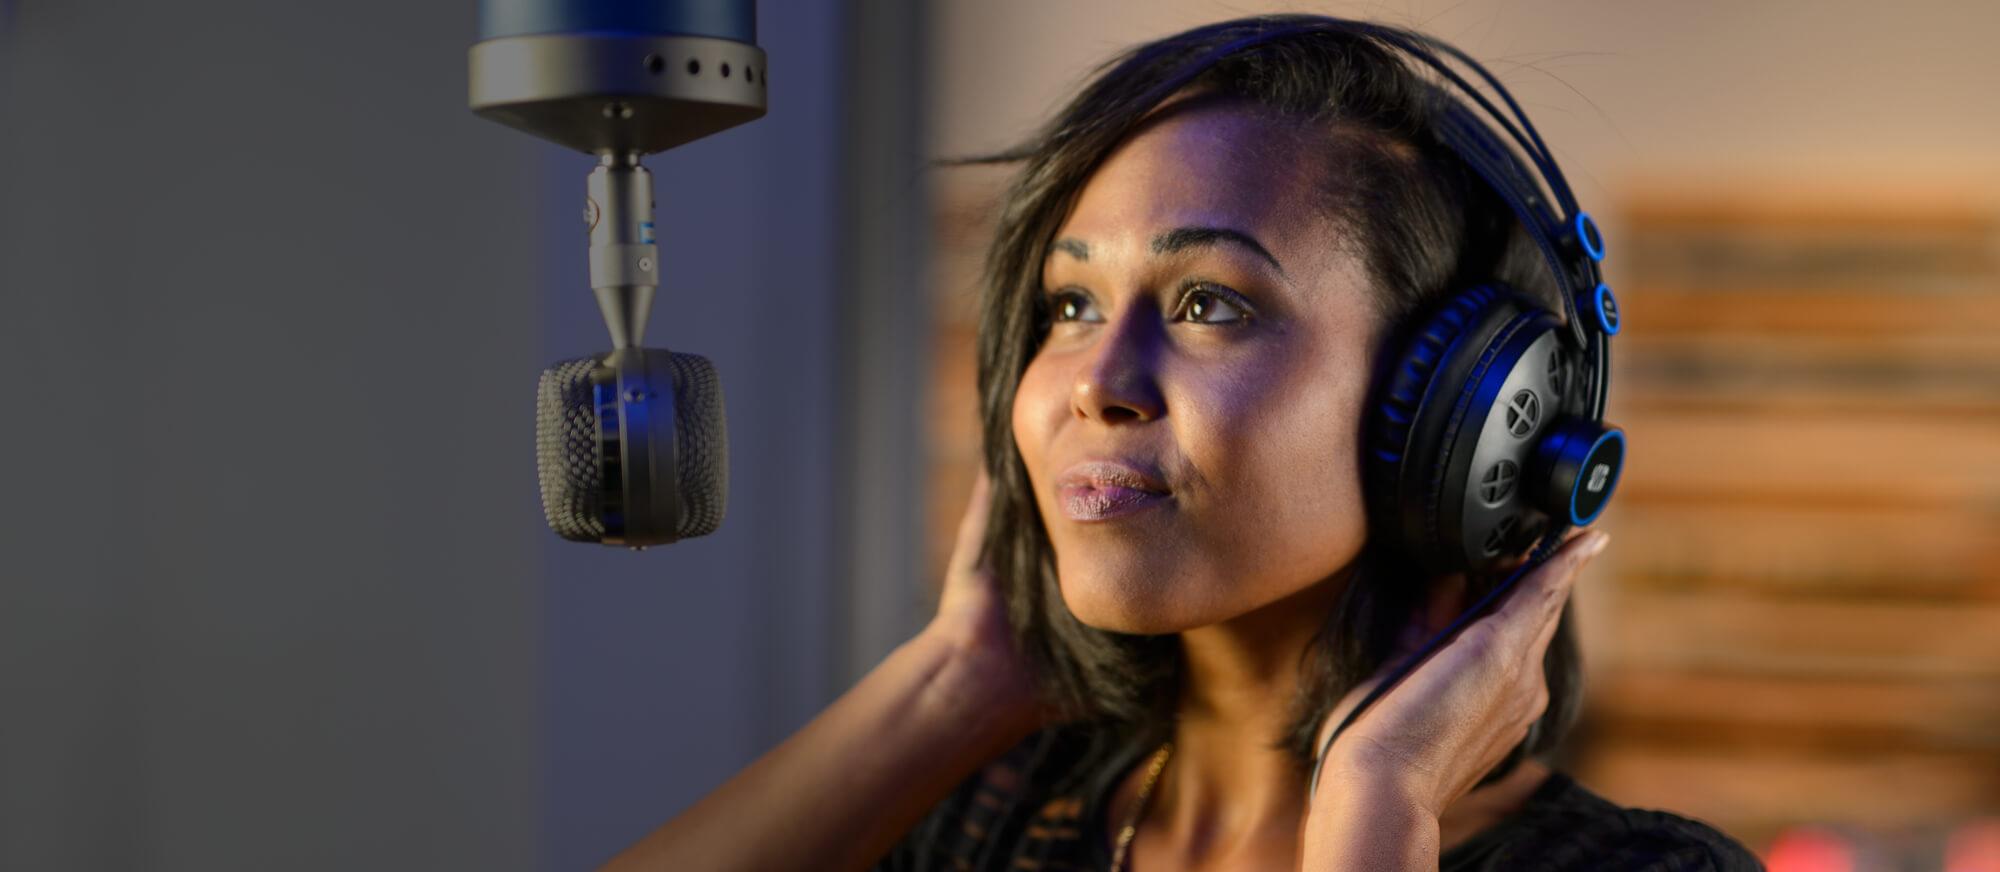 Audiobox Itwo Studio Presonus Live Recording Setup 2010 Buy Now